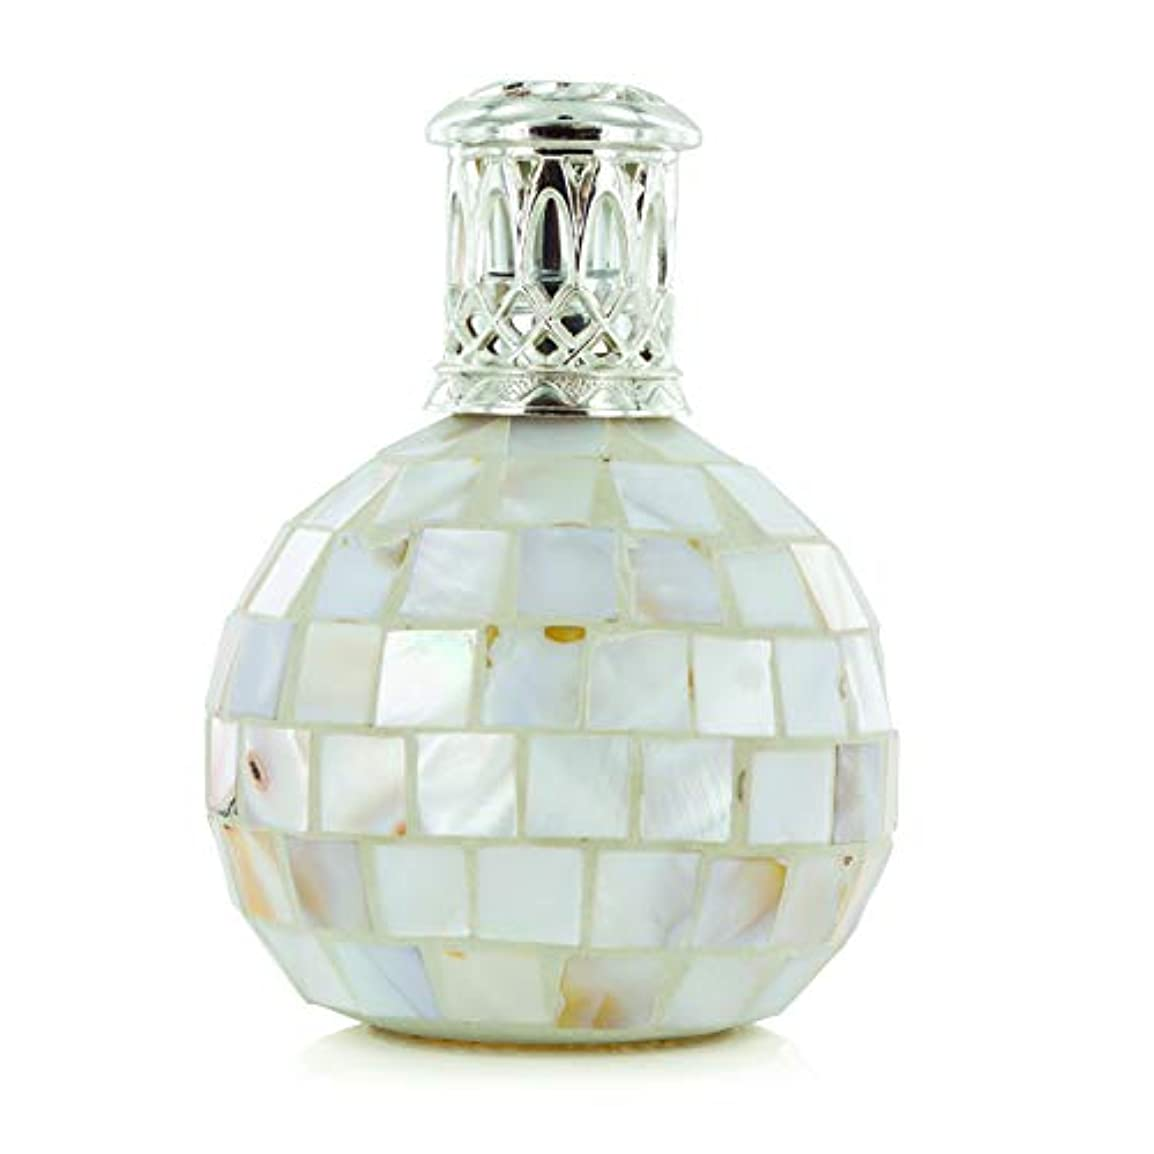 検閲投獄ブロッサムAshleigh&Burwood フレグランスランプ S リトルオーシャン FragranceLamps sizeS LittleOcean アシュレイ&バーウッド